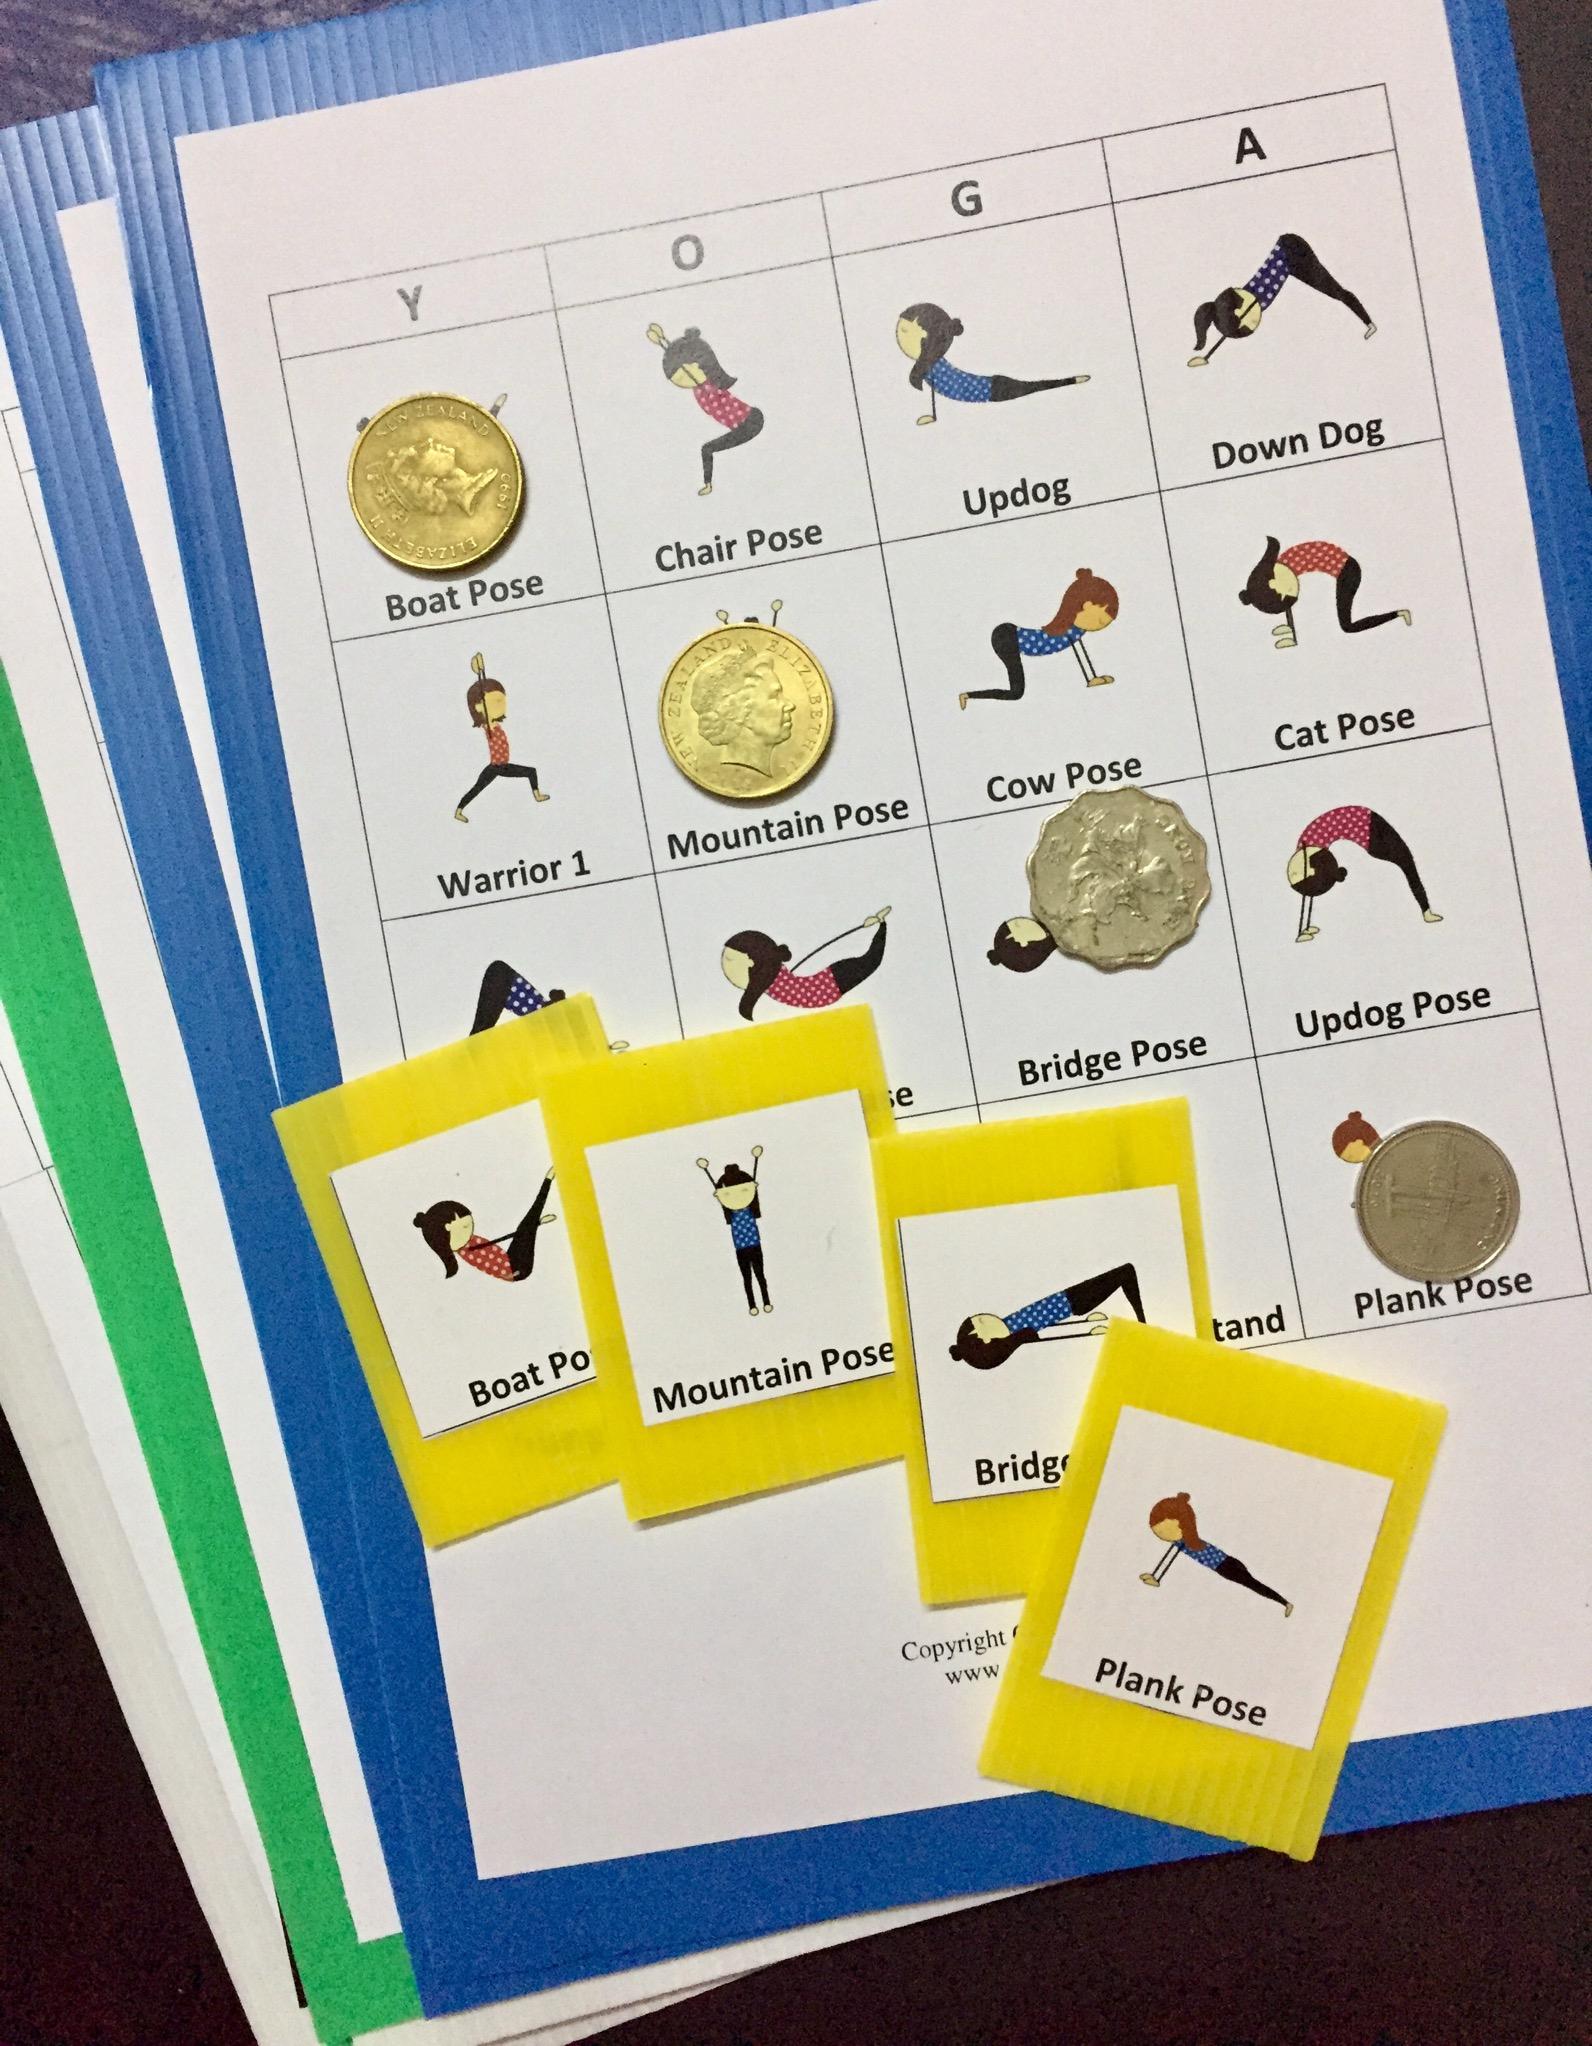 Free Yoga Pose Bingo Cards - Go Go Yoga For Kids